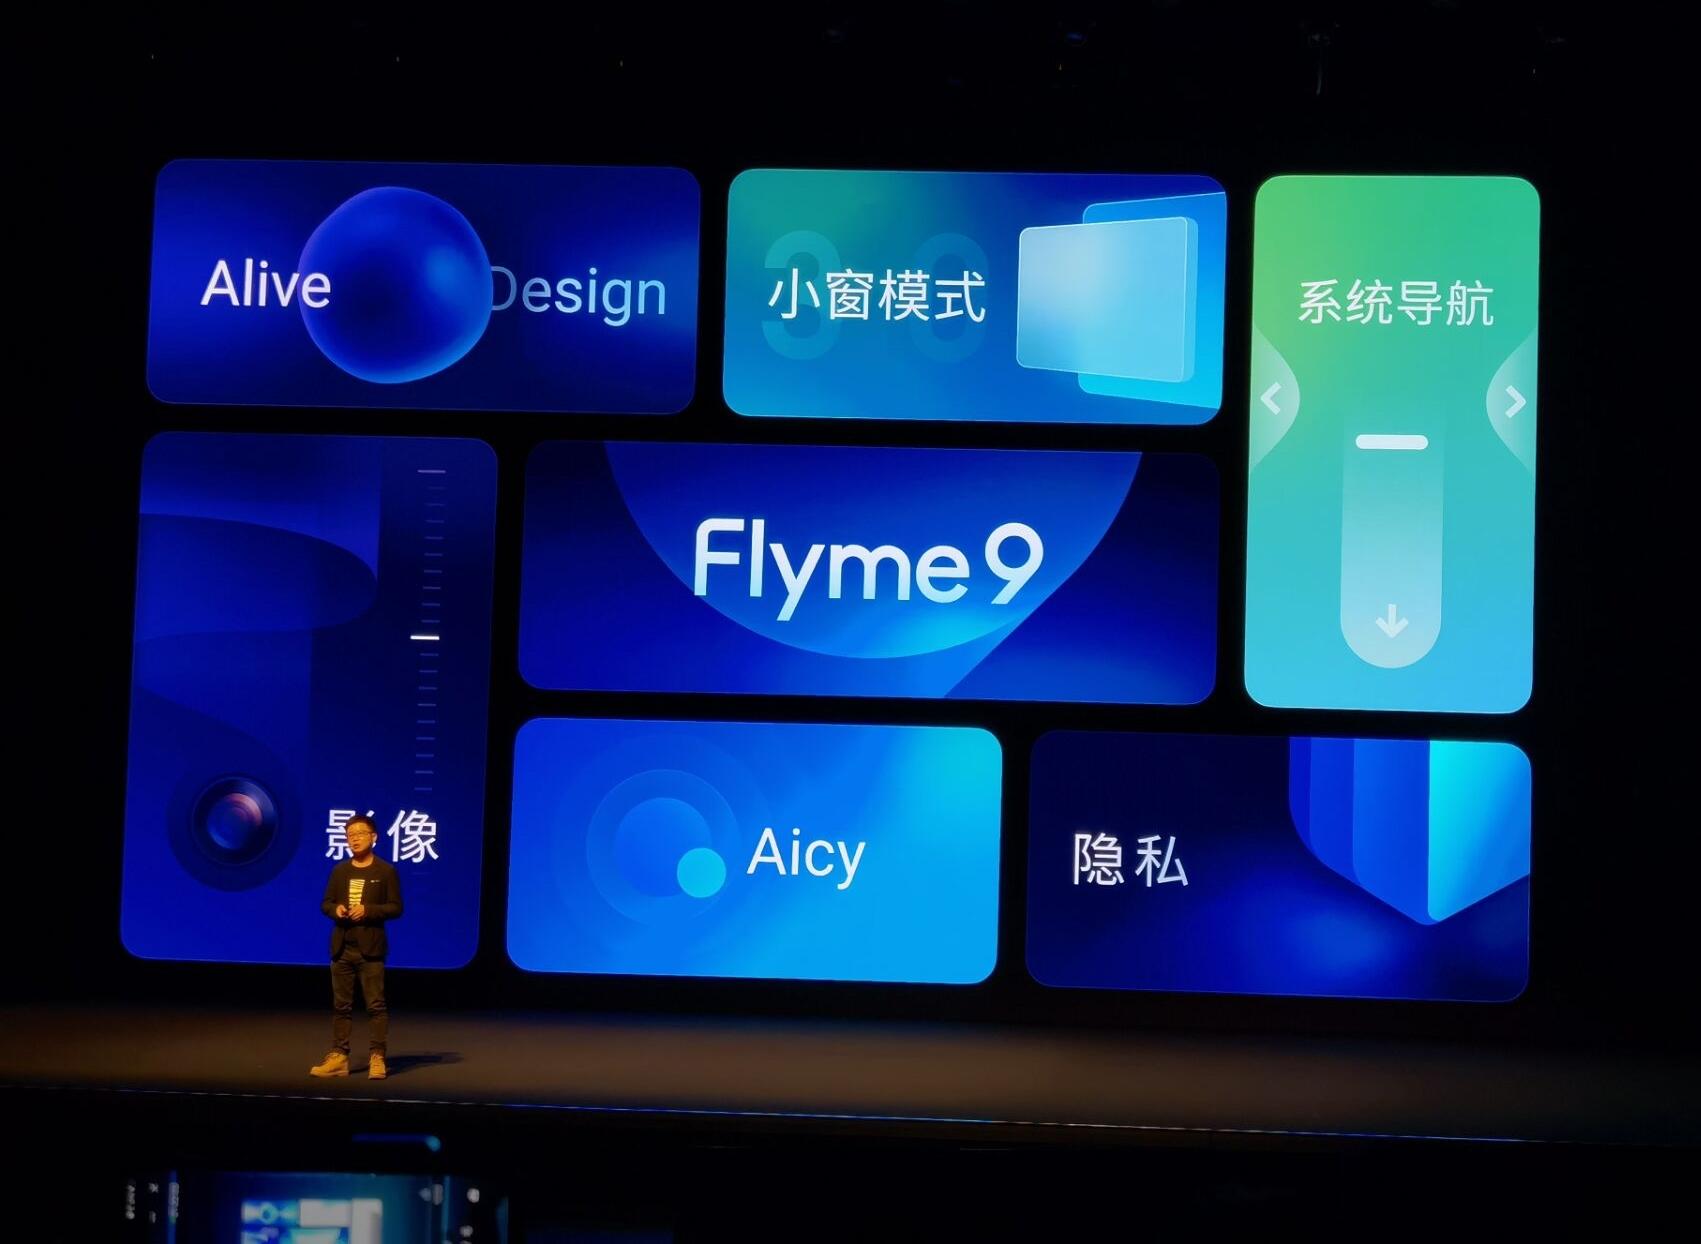 За день до выхода Meizu 18 и Meizu 18 Pro: Meizu показал фирменную оболочку Flyme 9